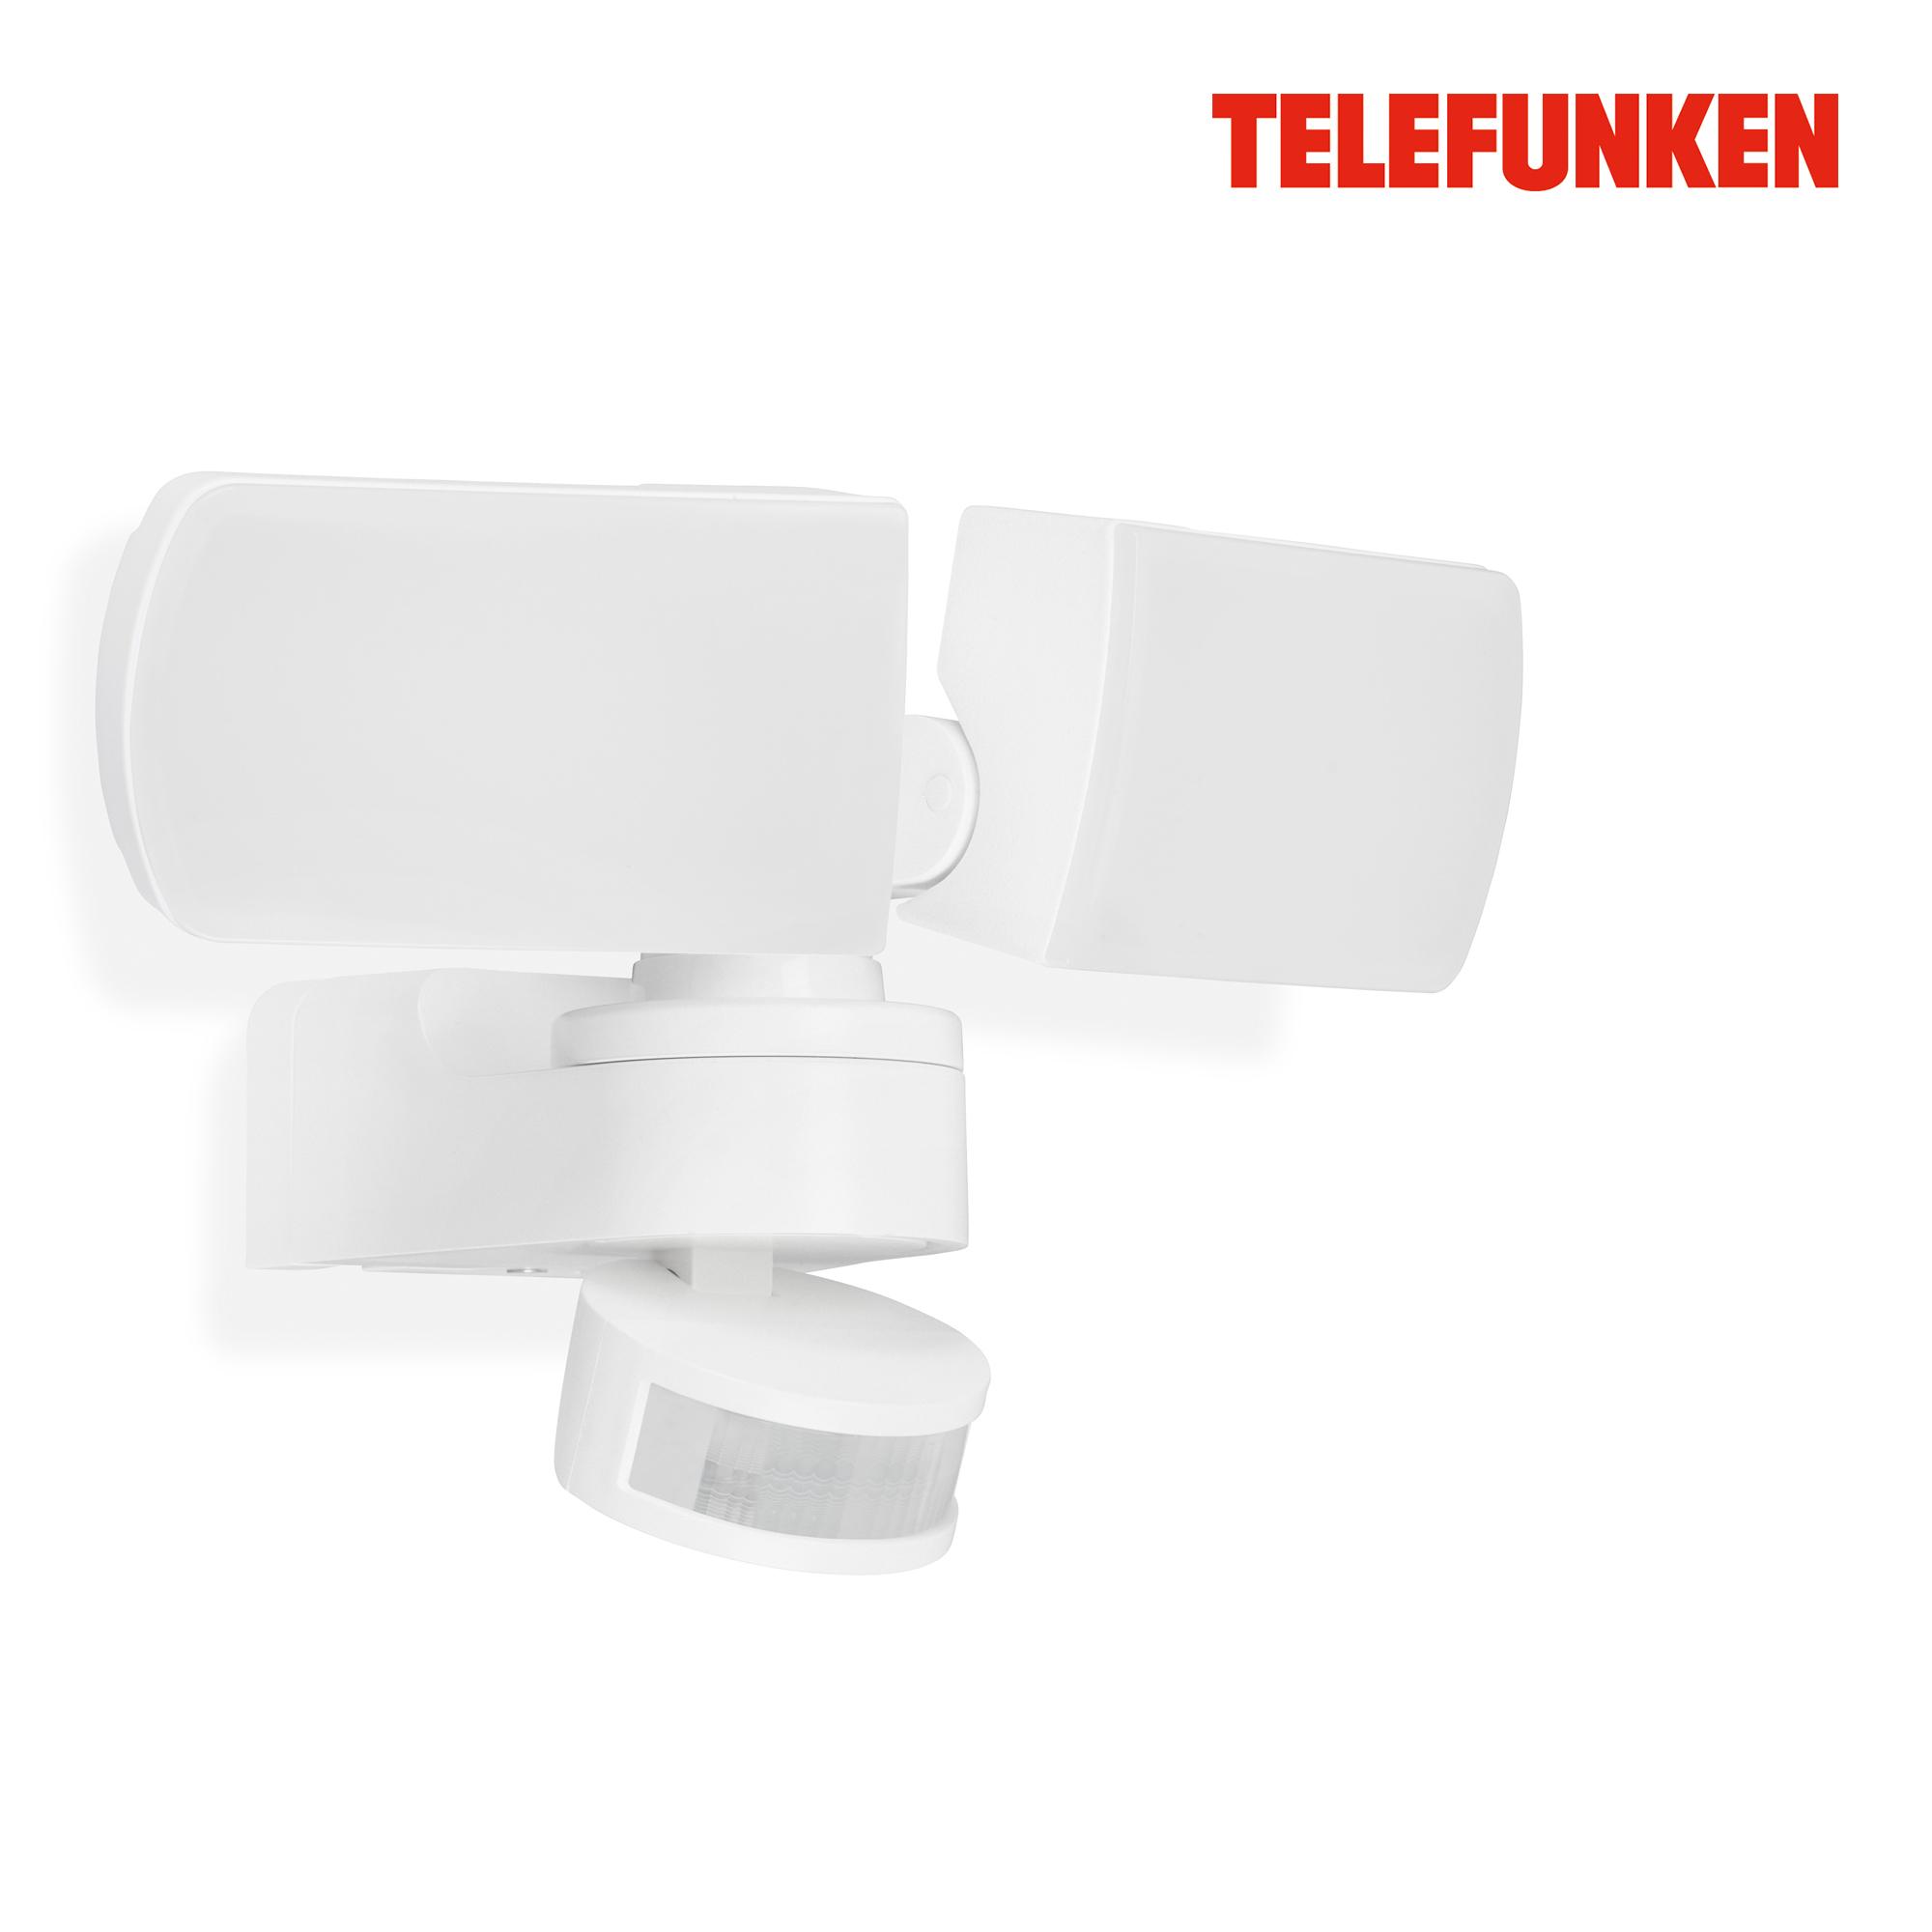 TELEFUNKEN LED Sensor Außenleuchte Weiß